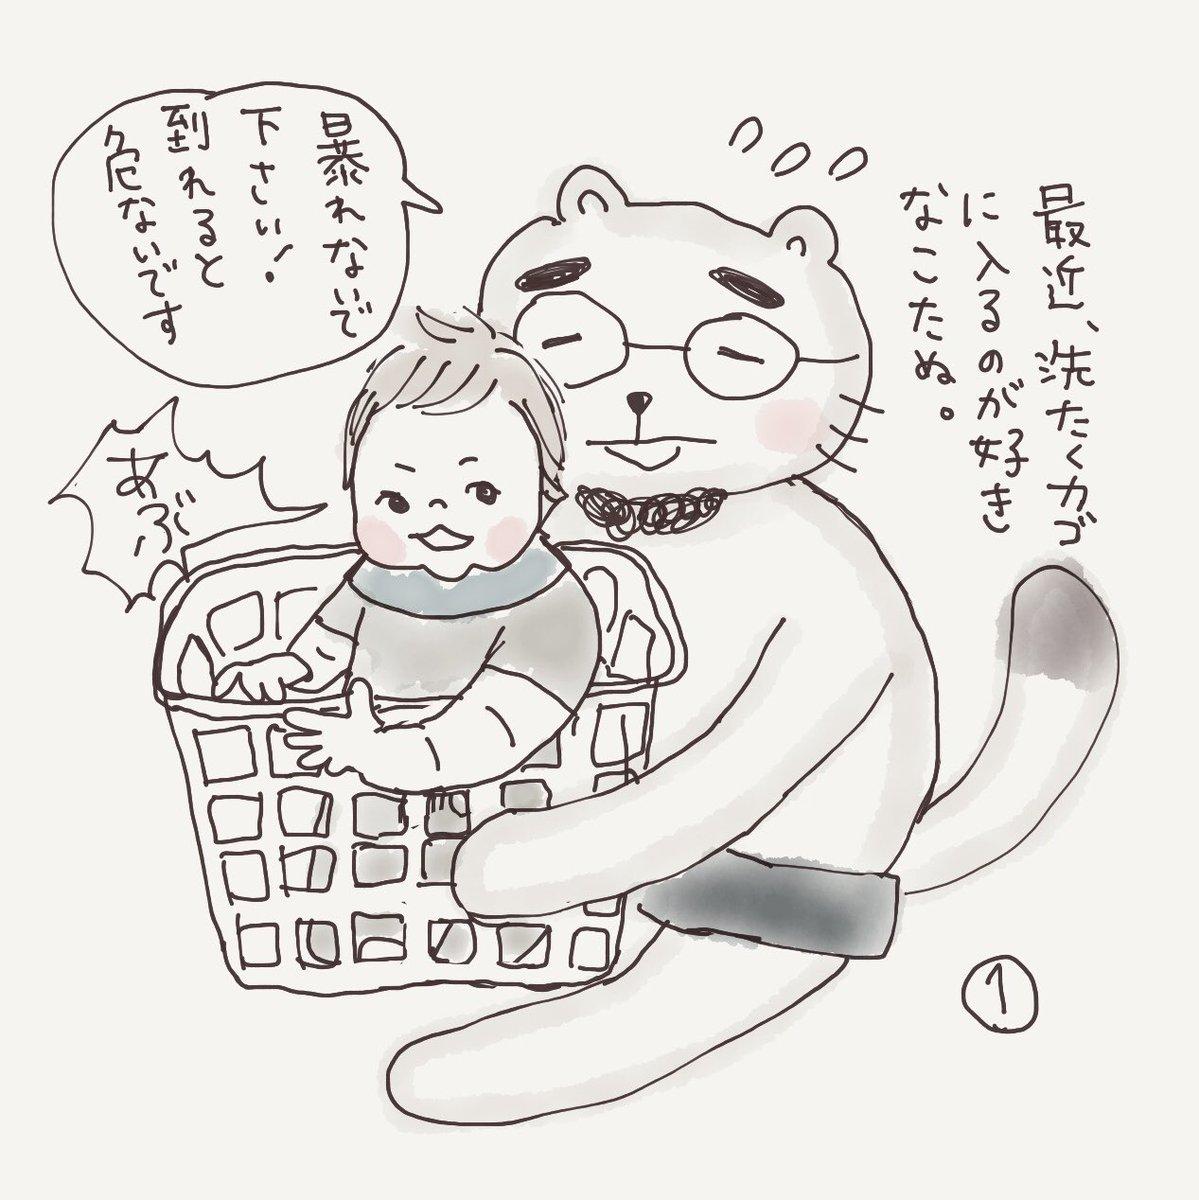 イラスト日記 Hashtag On Twitter